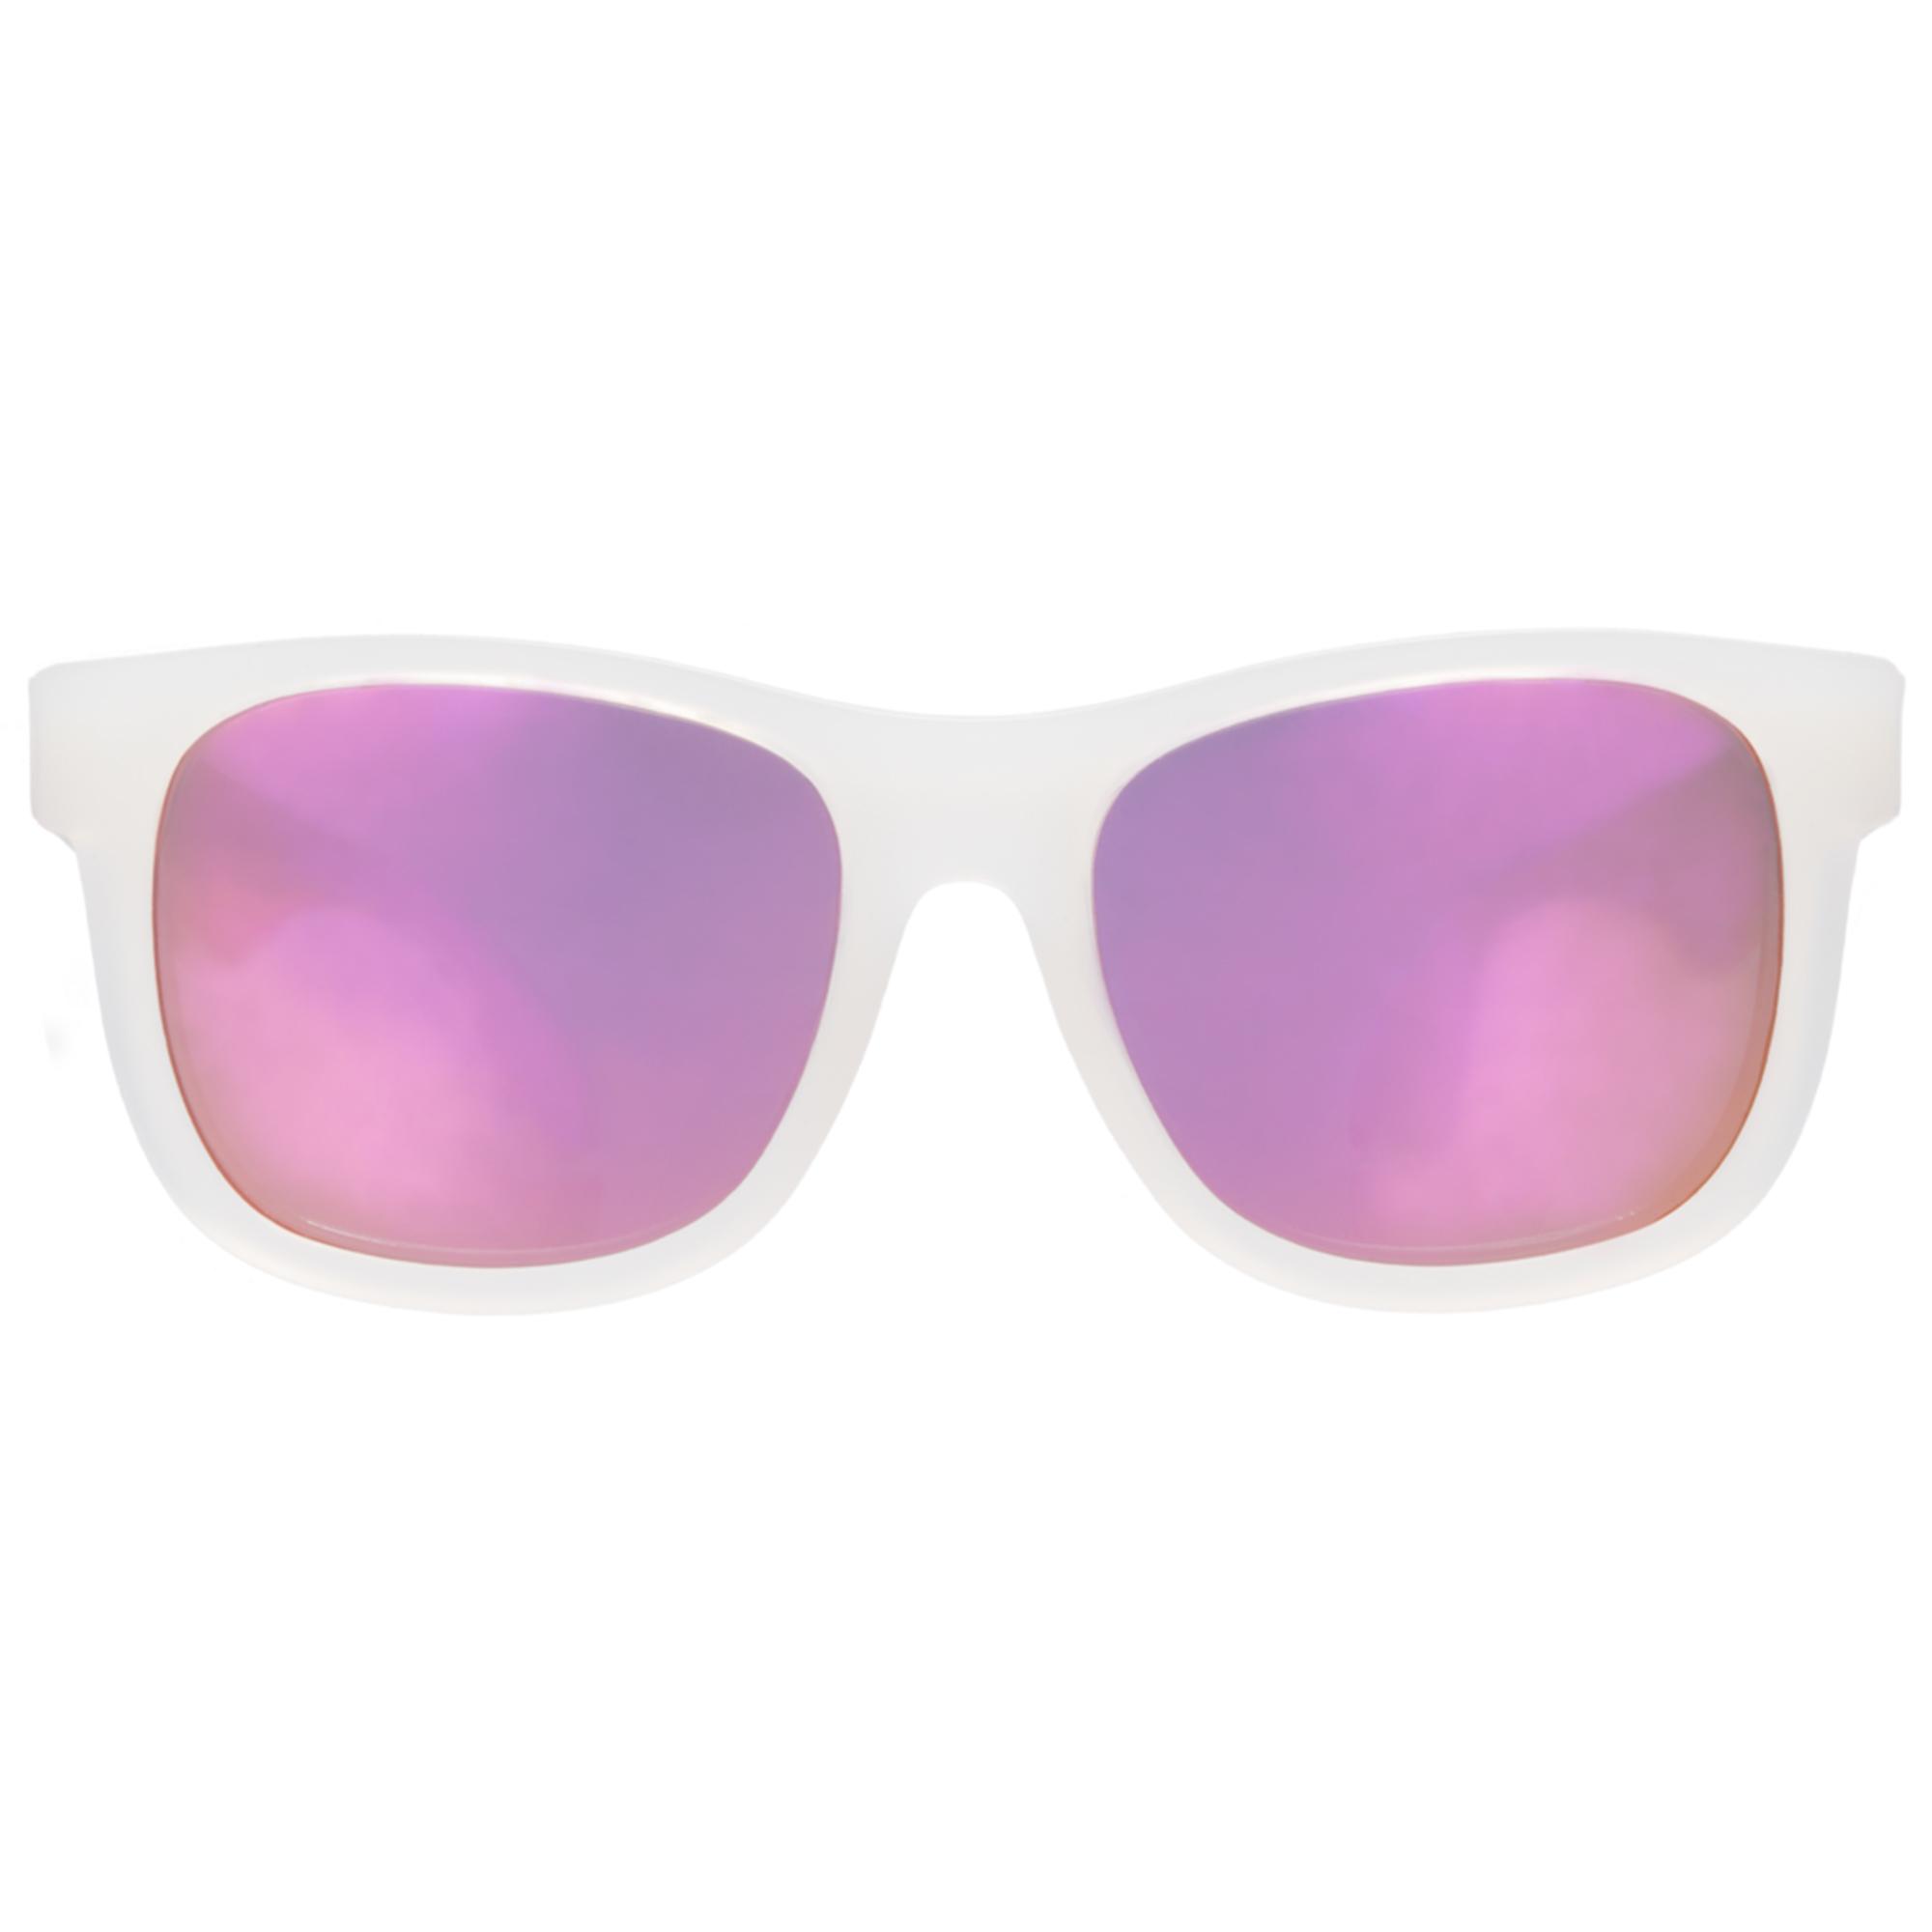 Ochelari de soare pentru copii, BABIATORS, Premium-Pink Ice Junior, 0-2 ani